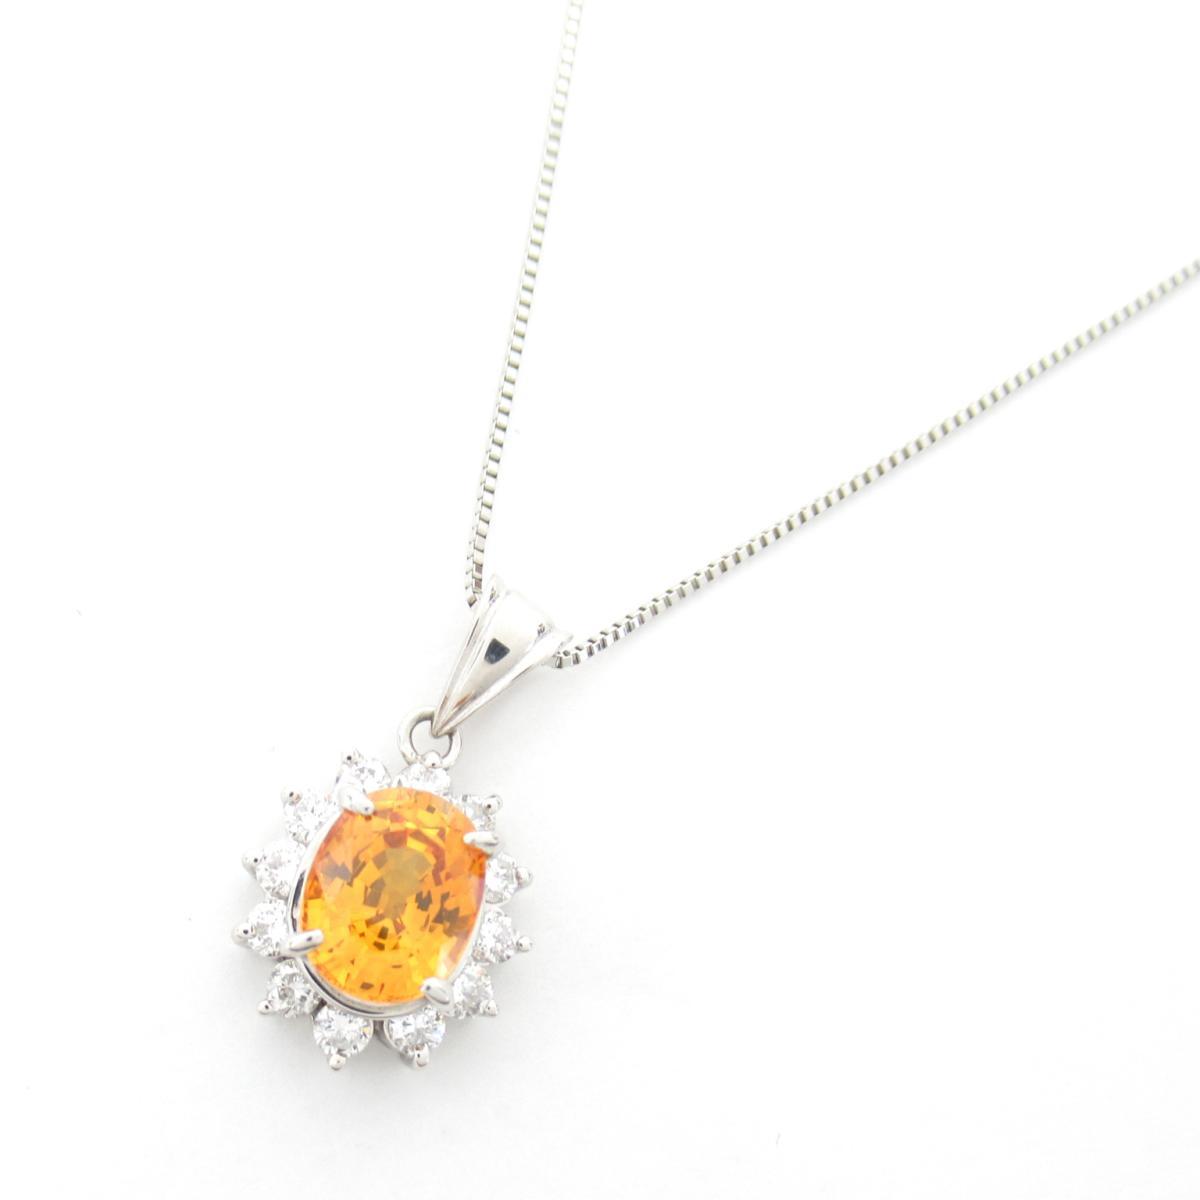 ジュエリー ゴールデンサファイア ダイヤモンド ネックレス ノーブランドジュエリー レディース PT900 プラチナ x サファイア2.71ct ダイヤモンド0.60ct 【中古】 | ブランド